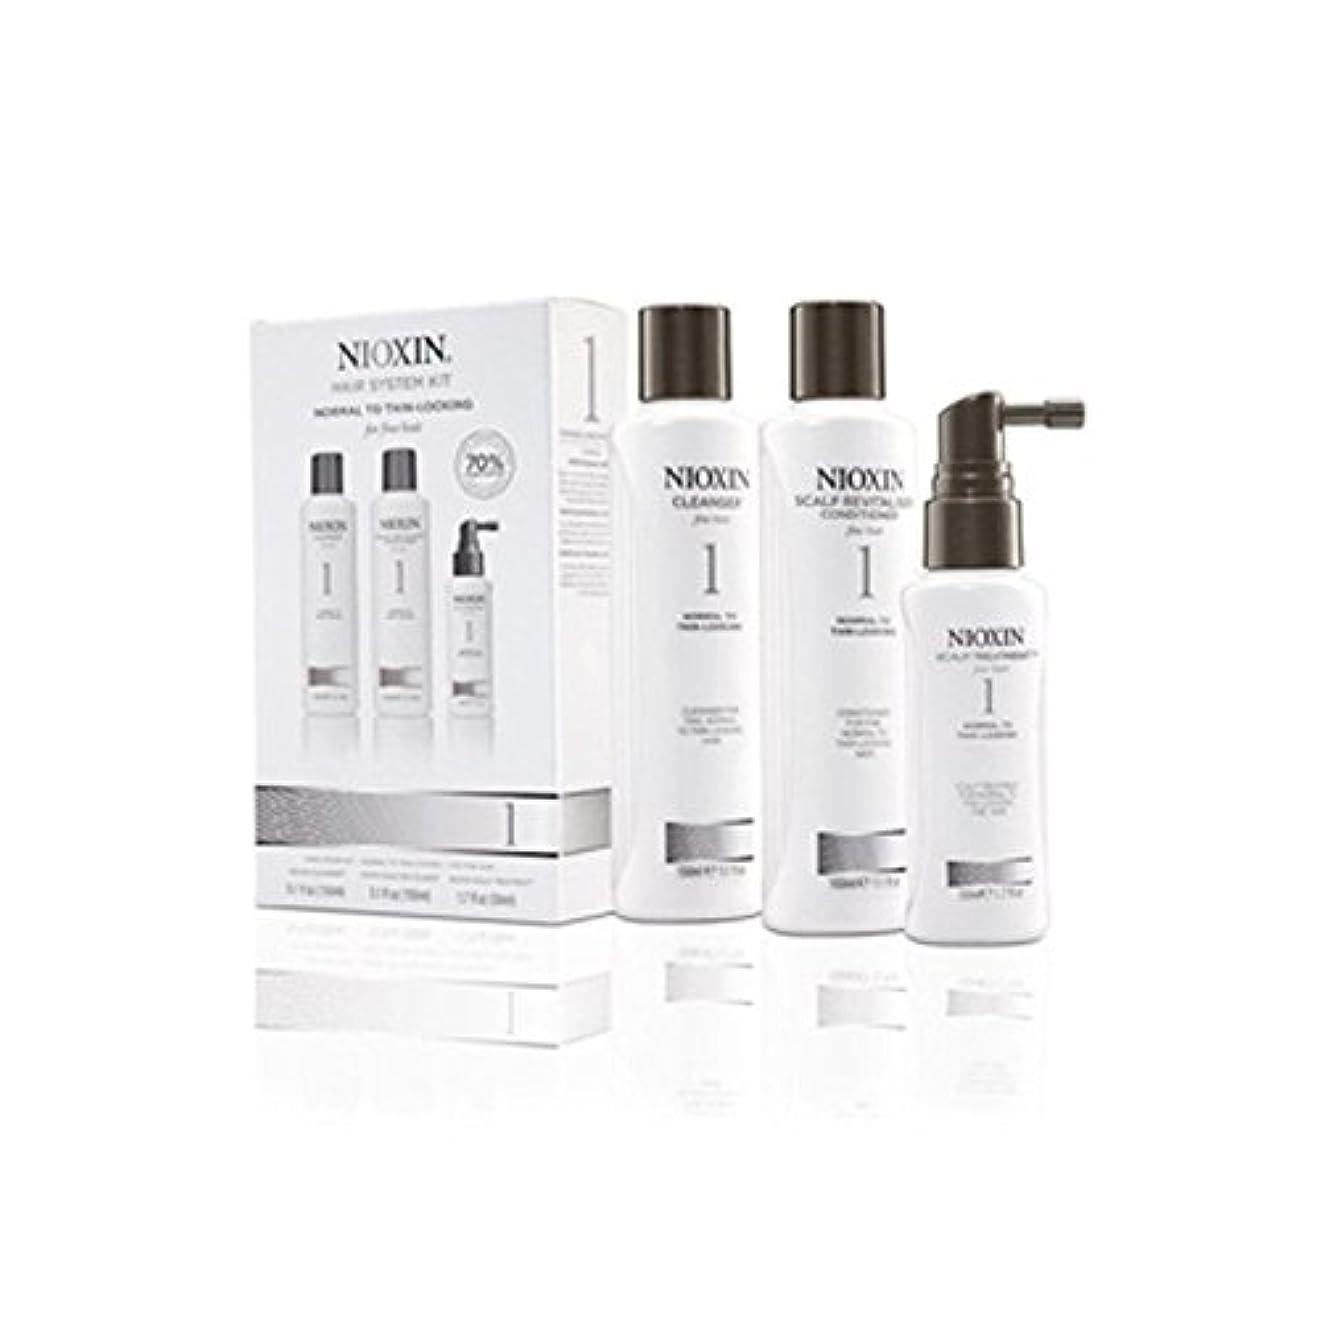 バレルモトリー賠償Nioxin Hair System Kit 1 For Normal To Fine Natural Hair (3 Products) - 細かい自然な髪への通常のためニオキシンヘアシステムキット1(3製品) [並行輸入品]